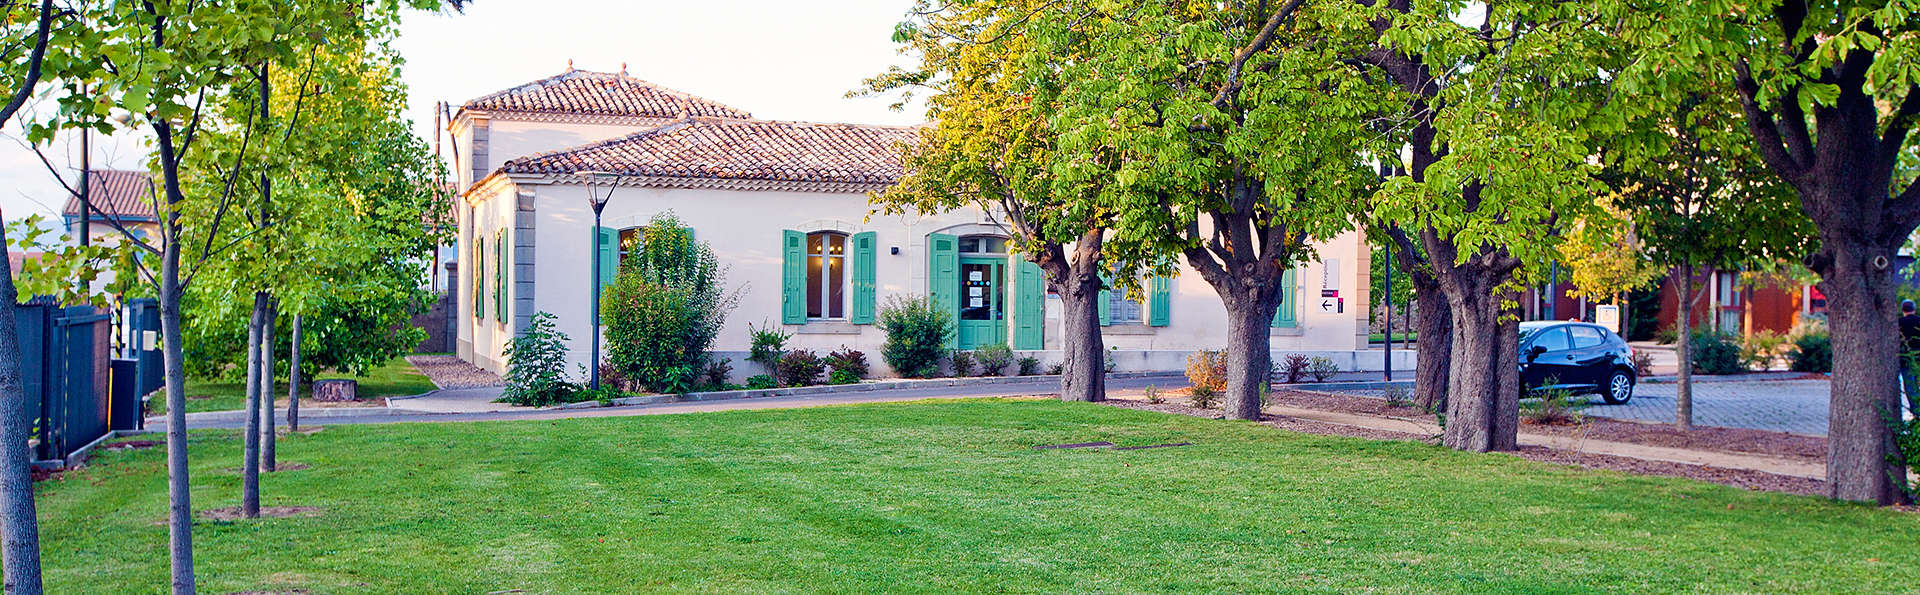 Week-end en famille avec accès à l'espace détente à Carcassonne